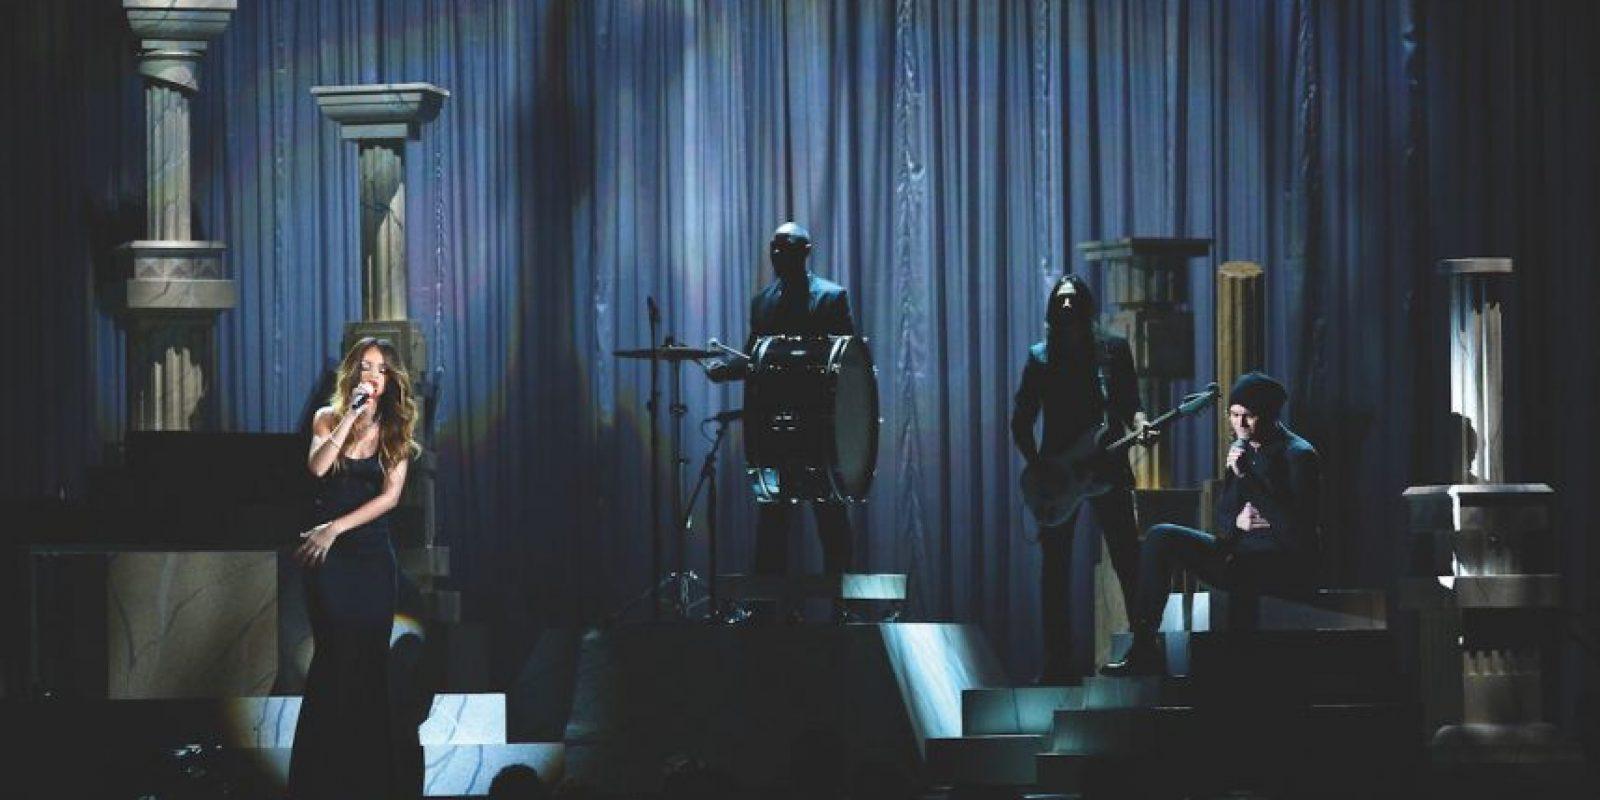 """Rihanna con Mikky Ekko – """"Stay"""" (2012) """"Not really sure how to feel about it / Something in the way you move"""", canta pensativamente Rihanna. Si ella no estaba segura, el público sin duda lo estaba, con el reflectivo tema paseándose en los primeros lugares del ranking estadounidense Billboard Hot 100 durante siete semanas. Foto:Getty Images"""